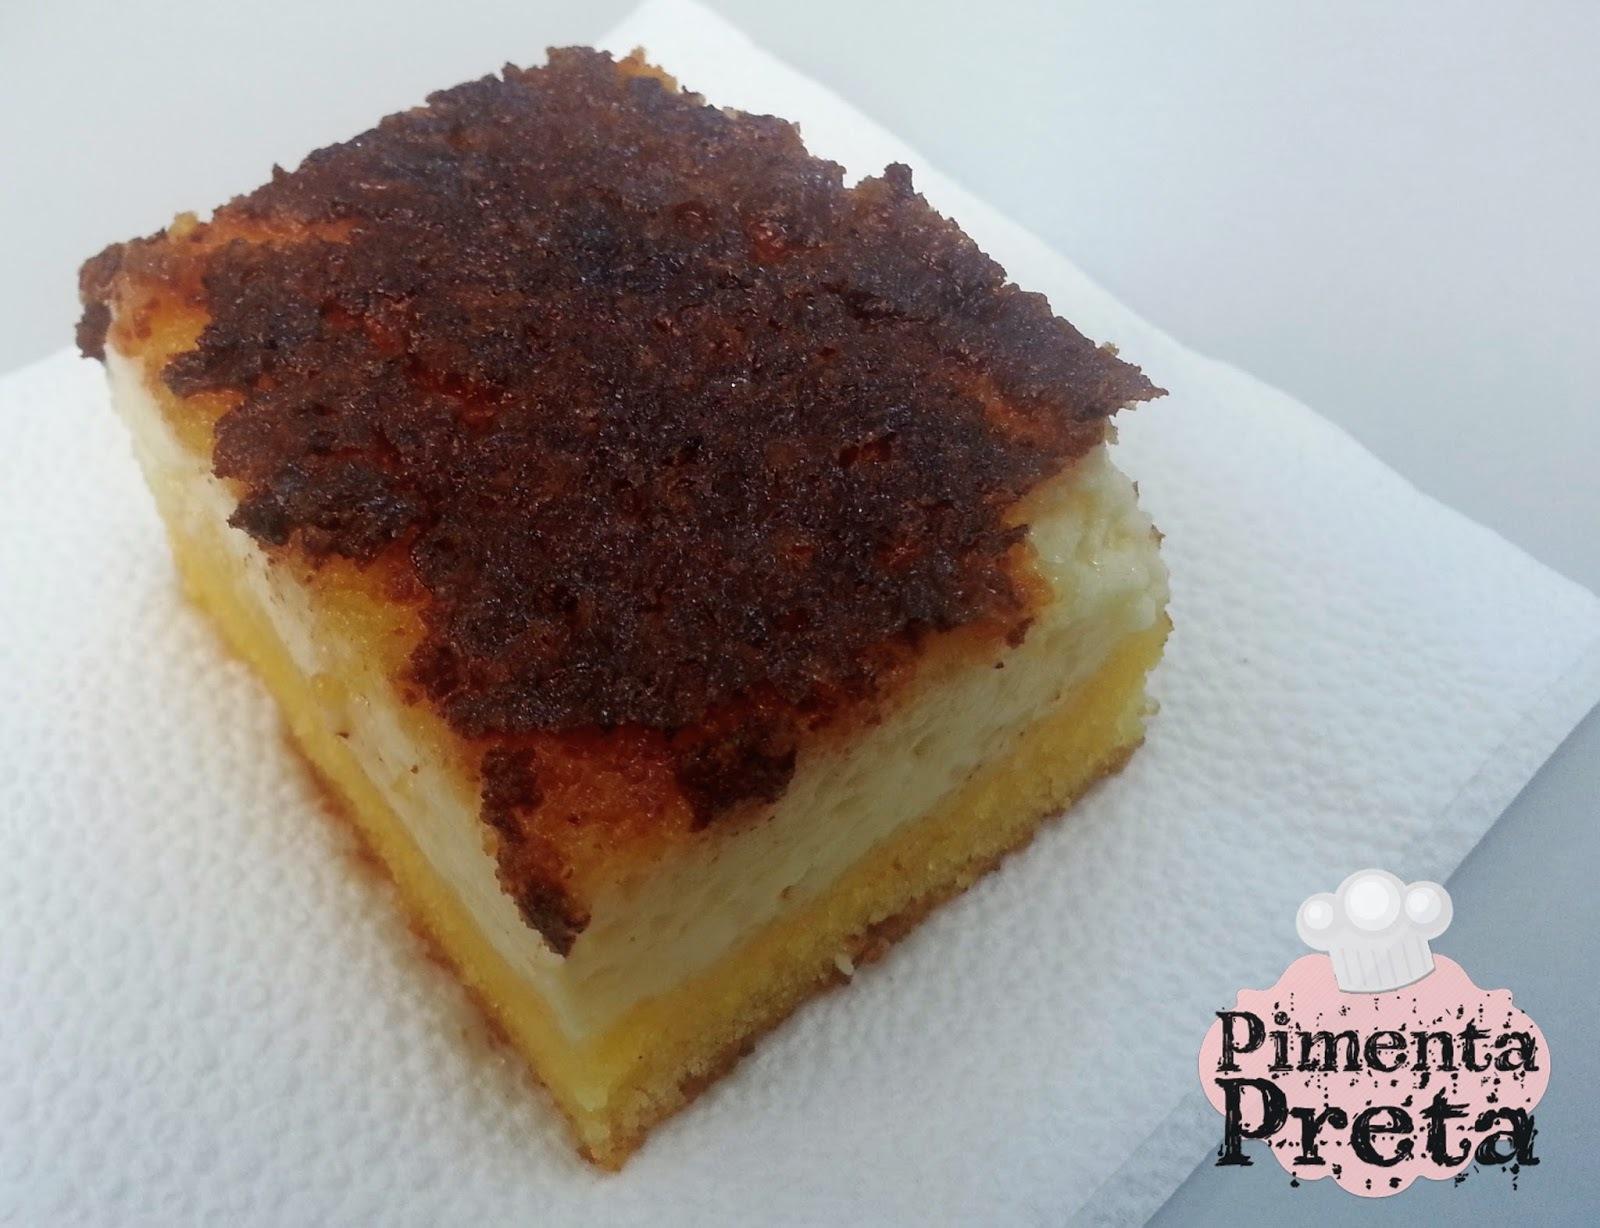 bolo de fuba cremoso com queijo ralado e leite condensado